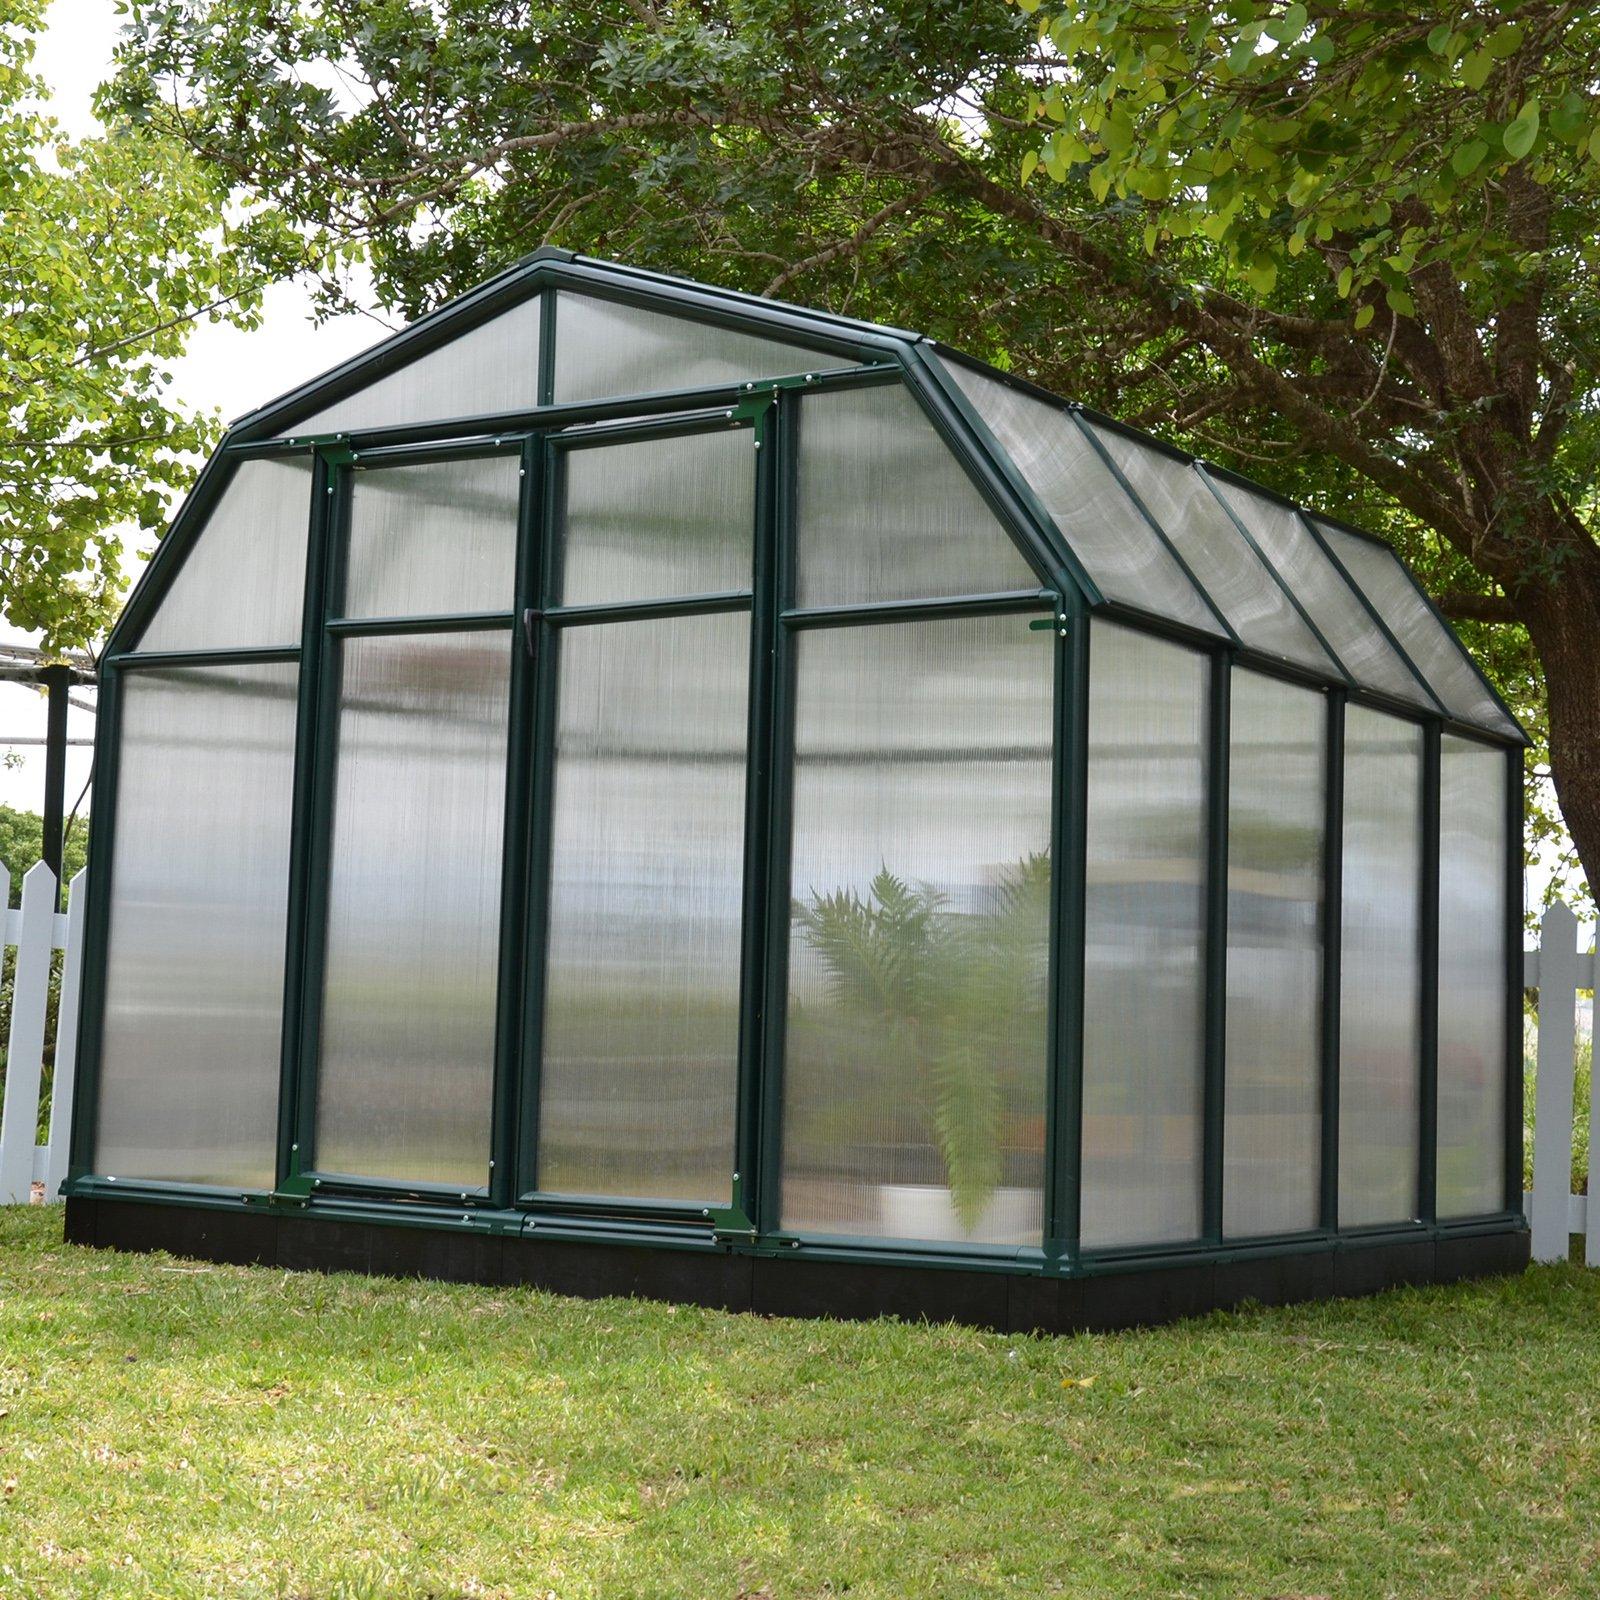 Palram Hobby Gardener Greenhouse - 8' x 8'